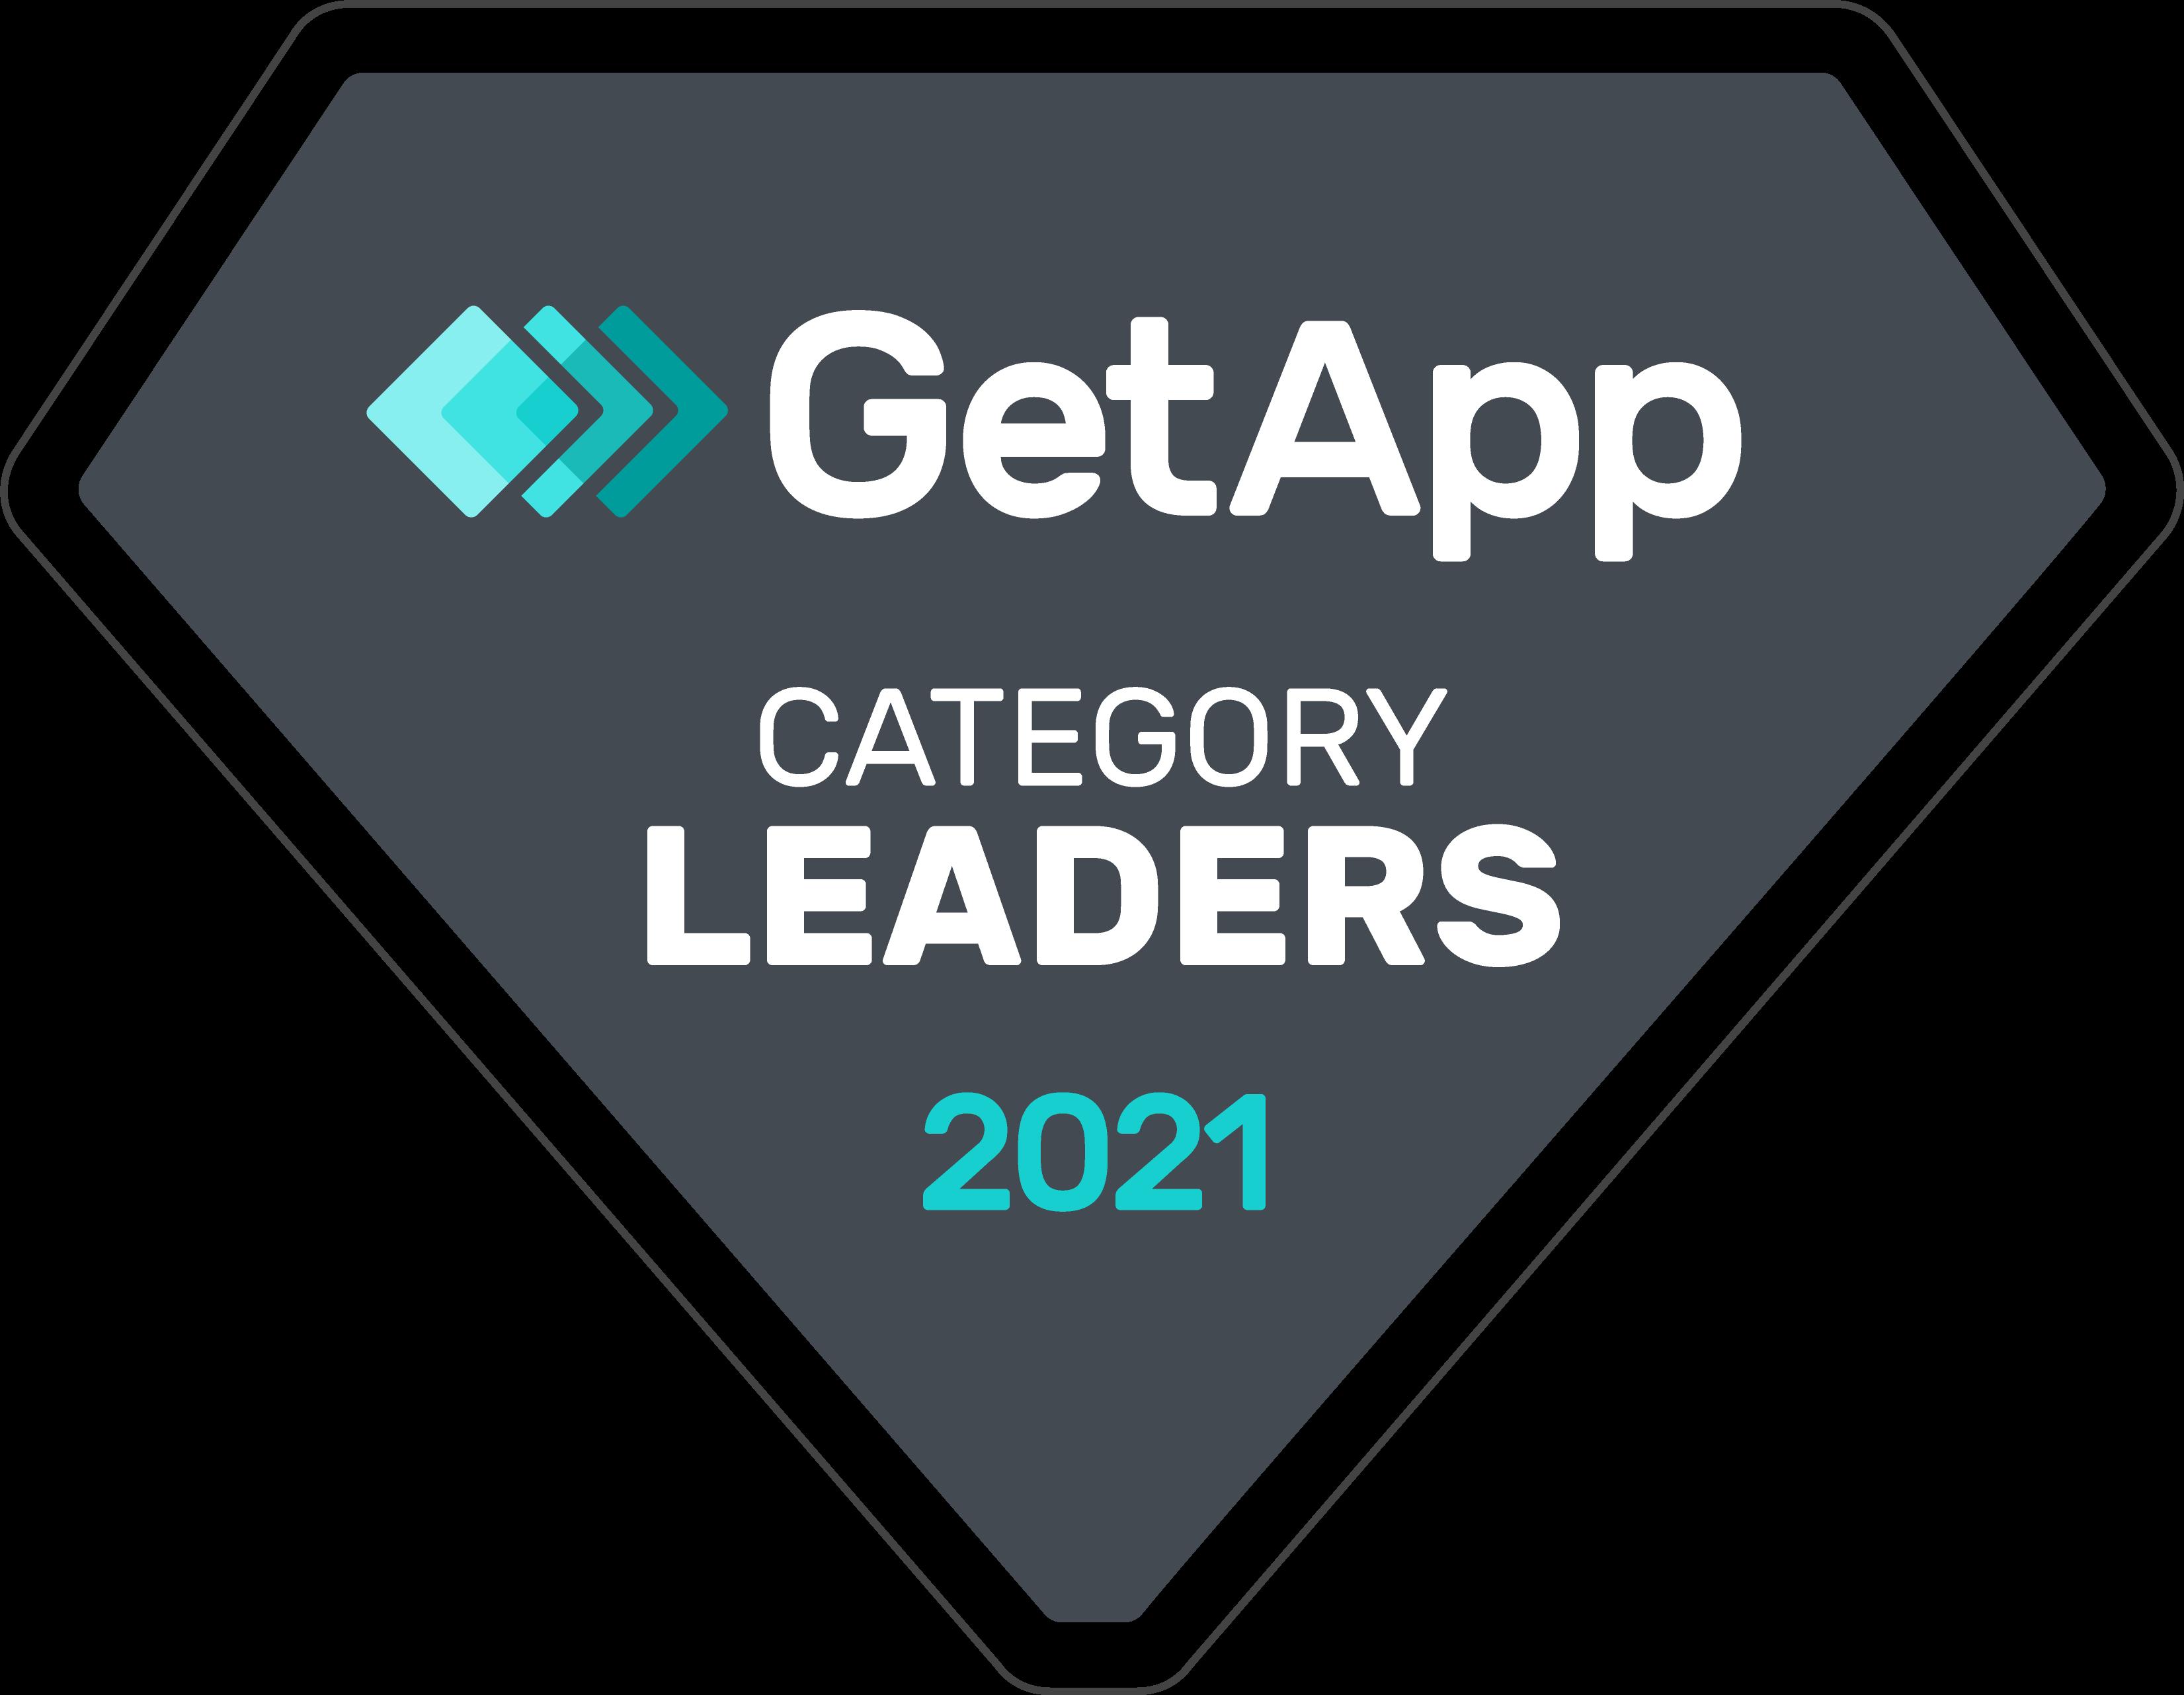 Get App Leader